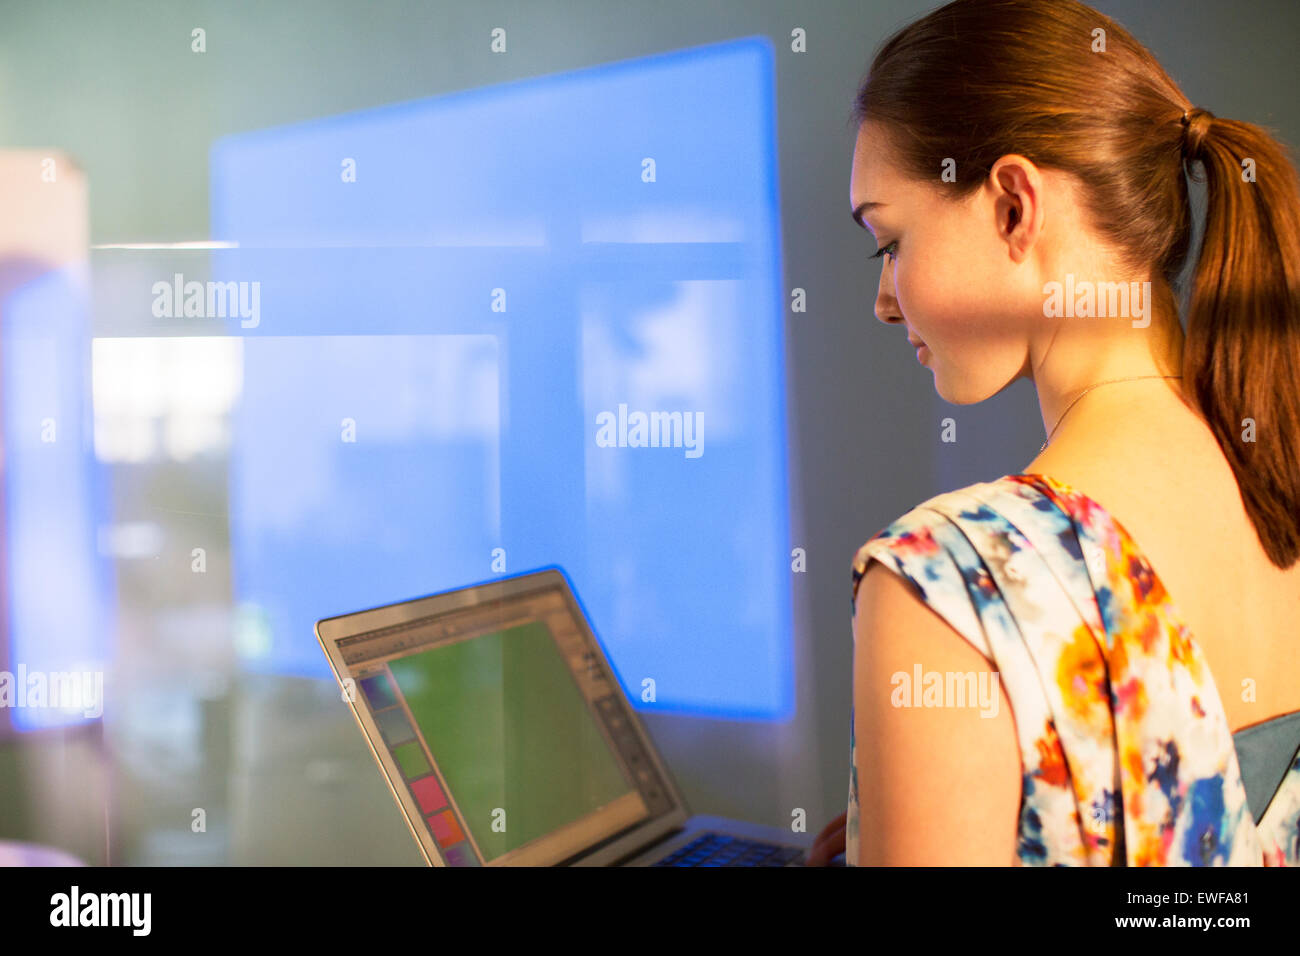 La empresaria con portátil preparando presentación audiovisual Imagen De Stock